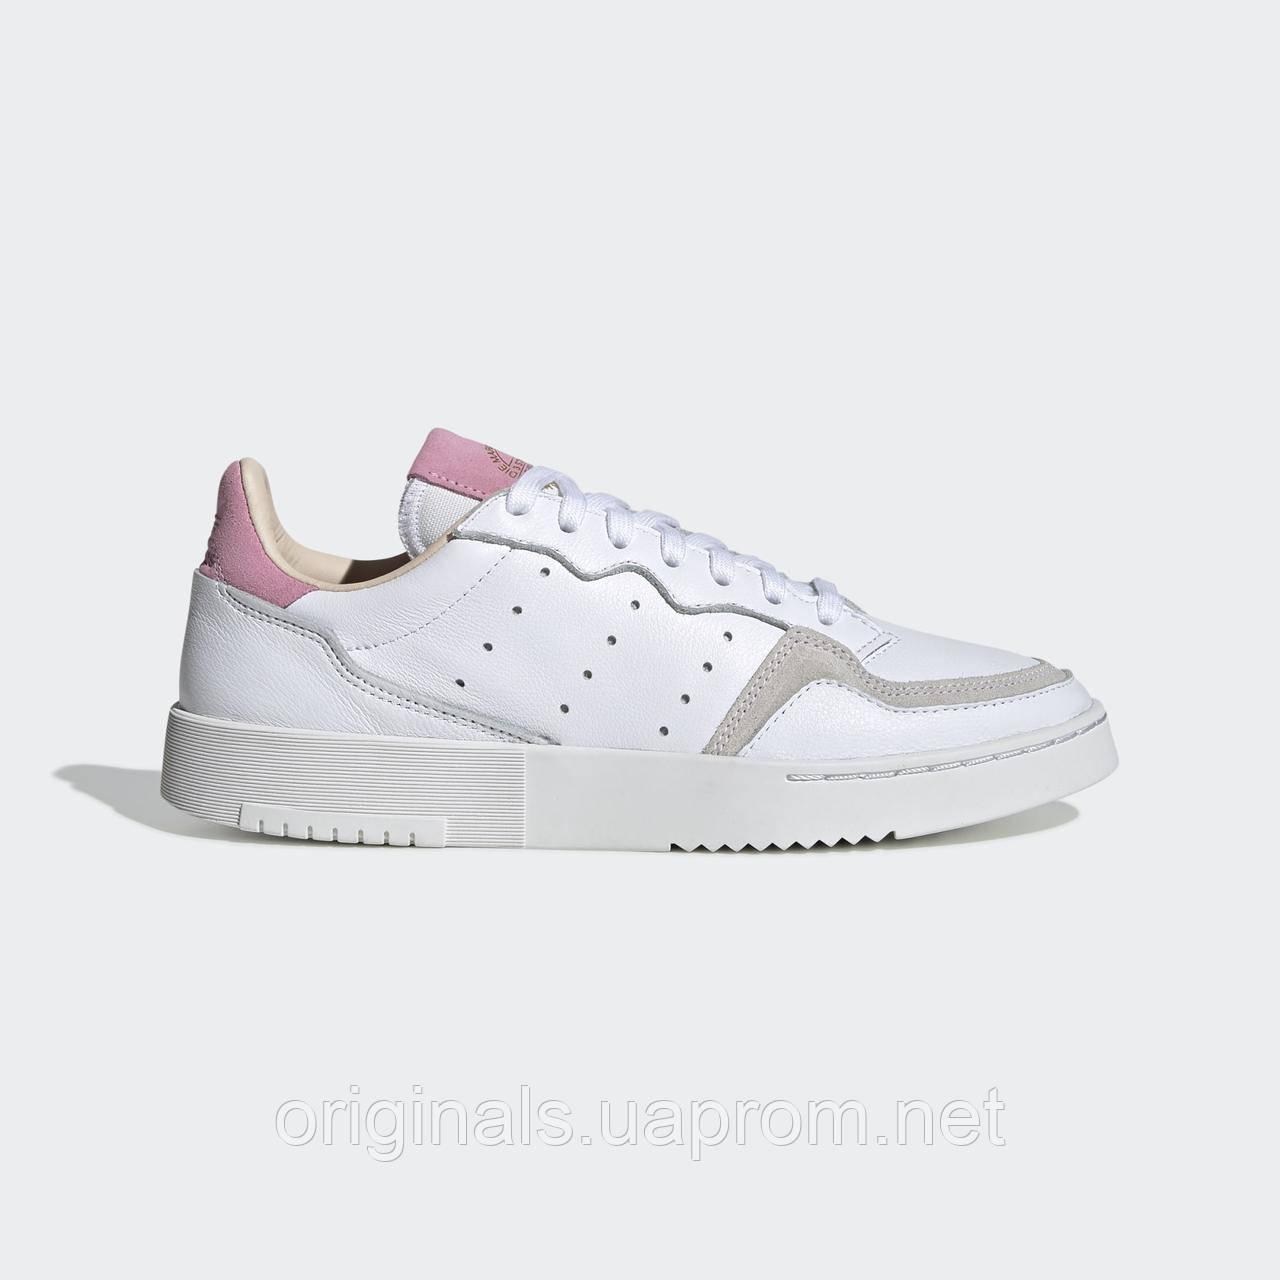 Кроссовки женские Adidas Supercourt EF9219